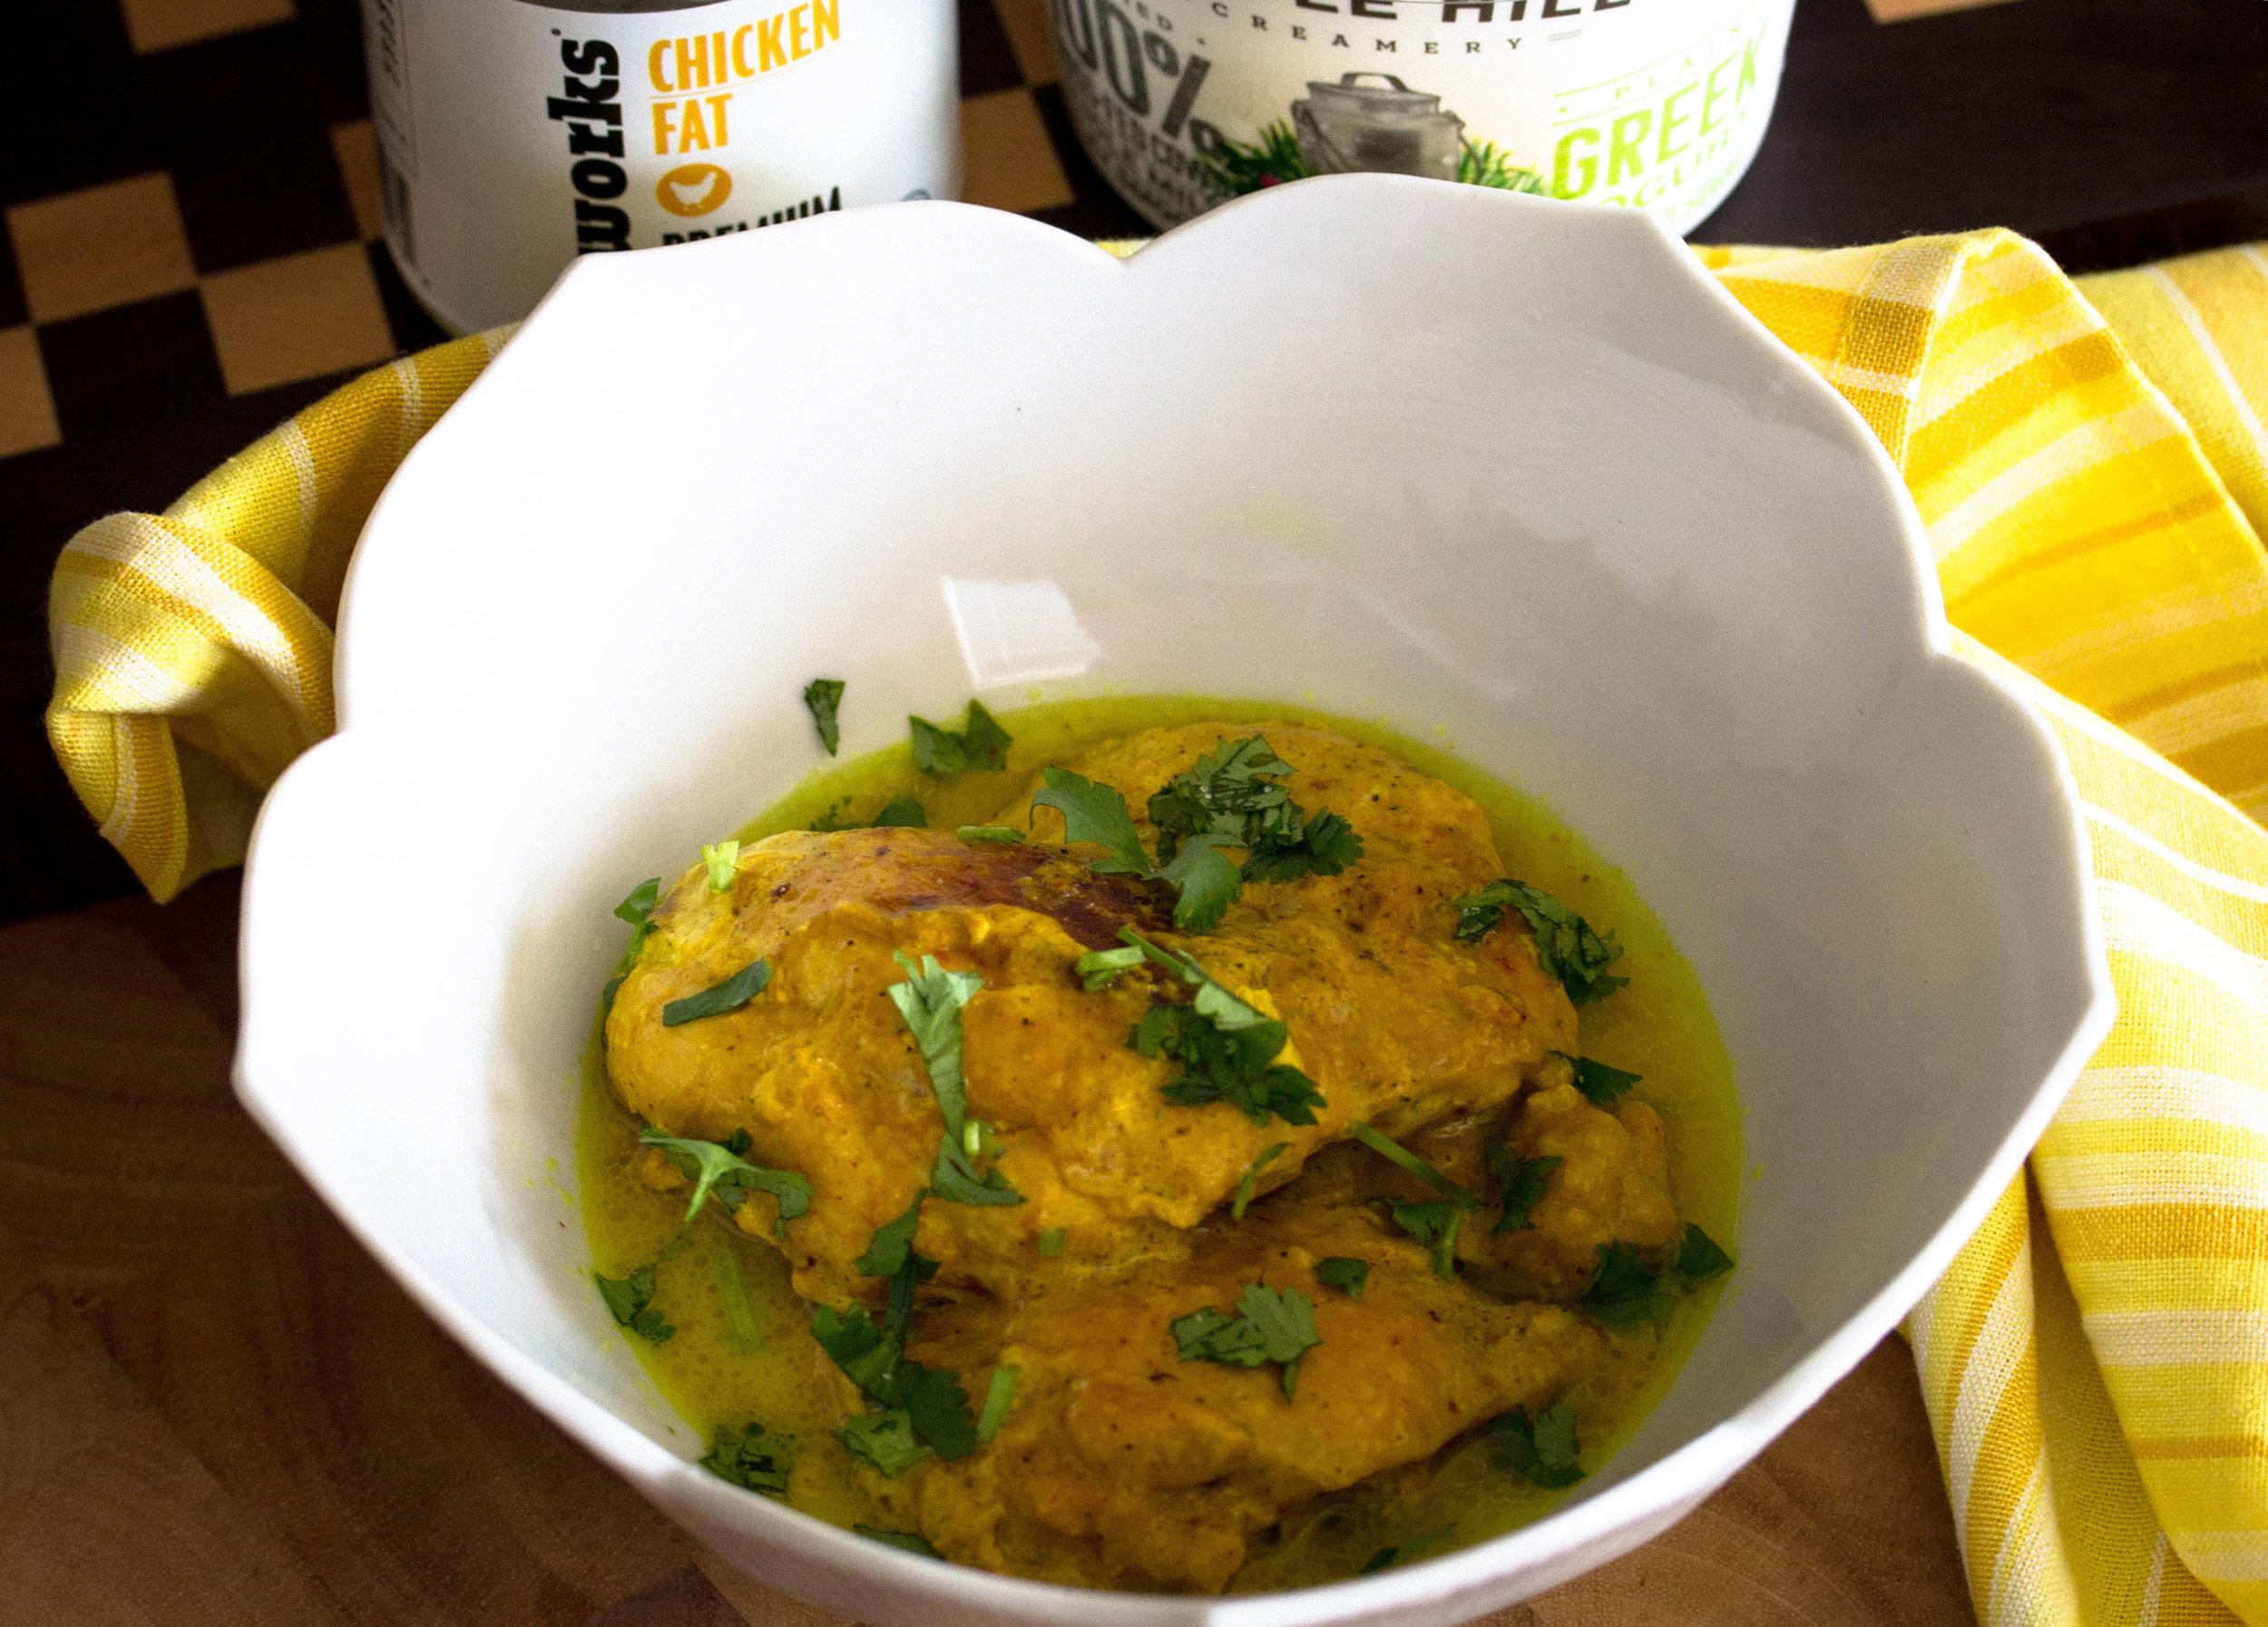 Turmeric & Yogurt Braised Chicken